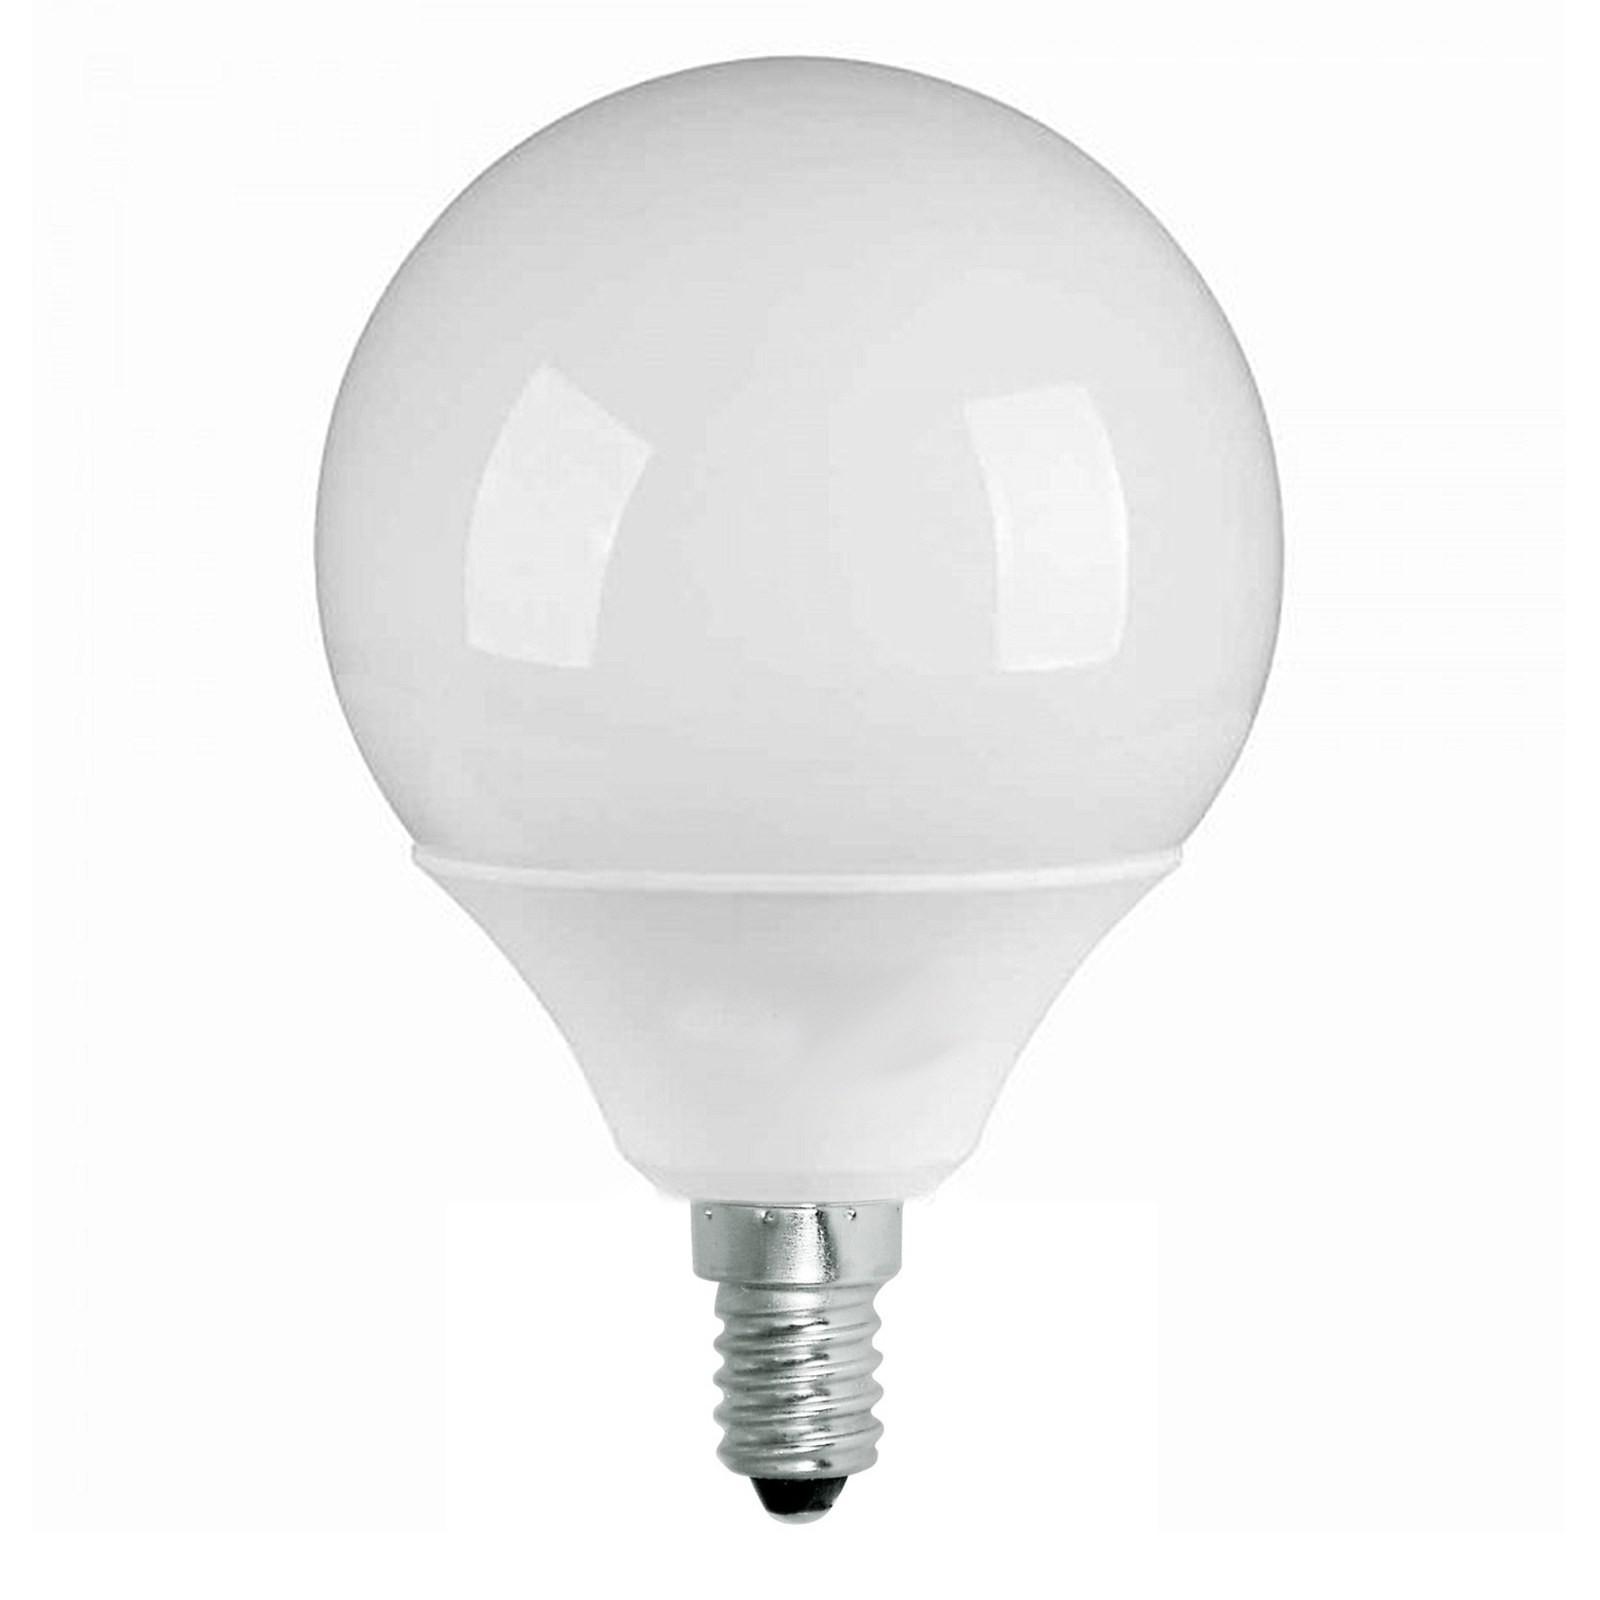 Lampada lampadina a led 4 5 45 watt attacco e14 luce for Lampada led e14